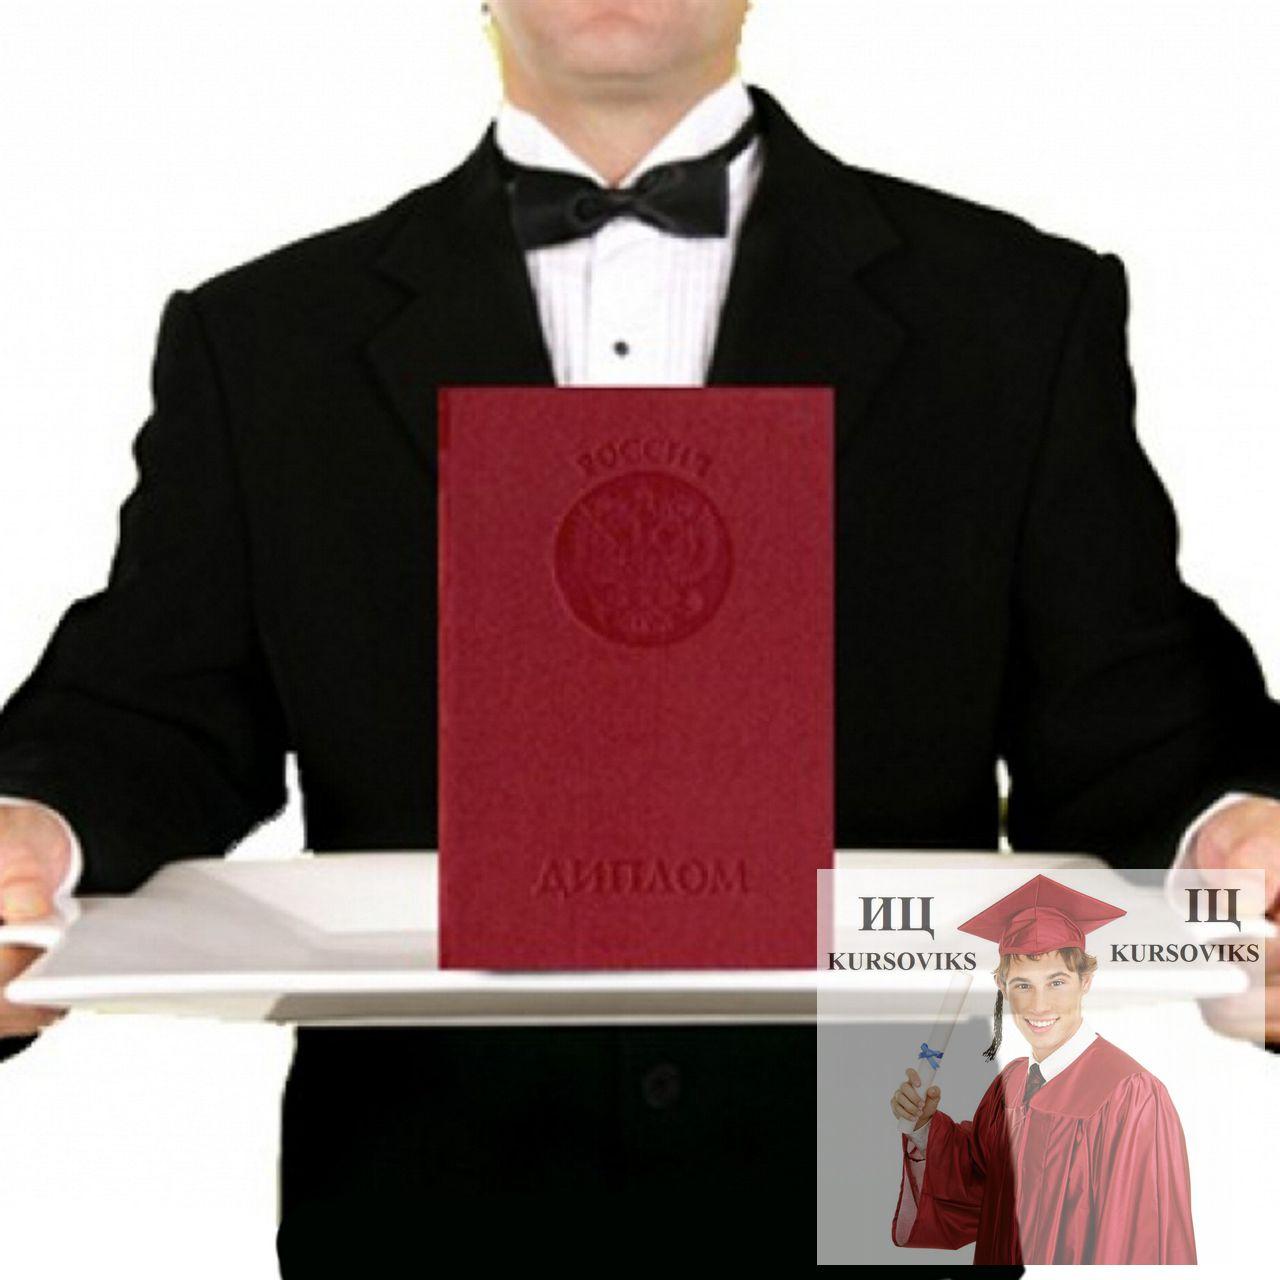 Дипломная работа на заказ выполнить дипломную работу